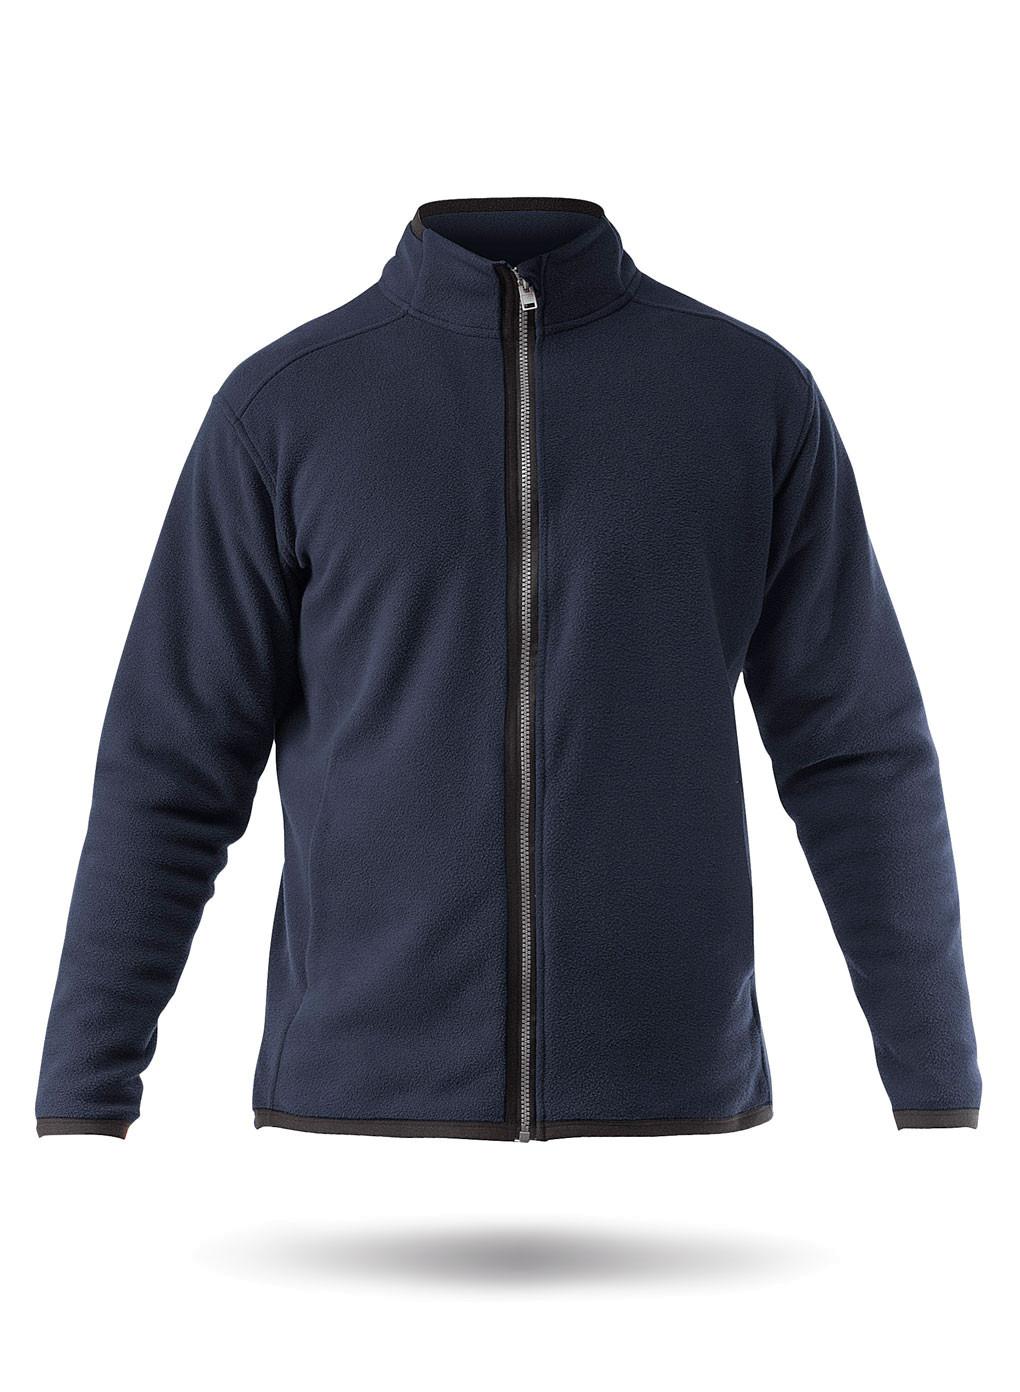 Толстовка ZHIK Zip Fleece Jacket, navy, XL INT